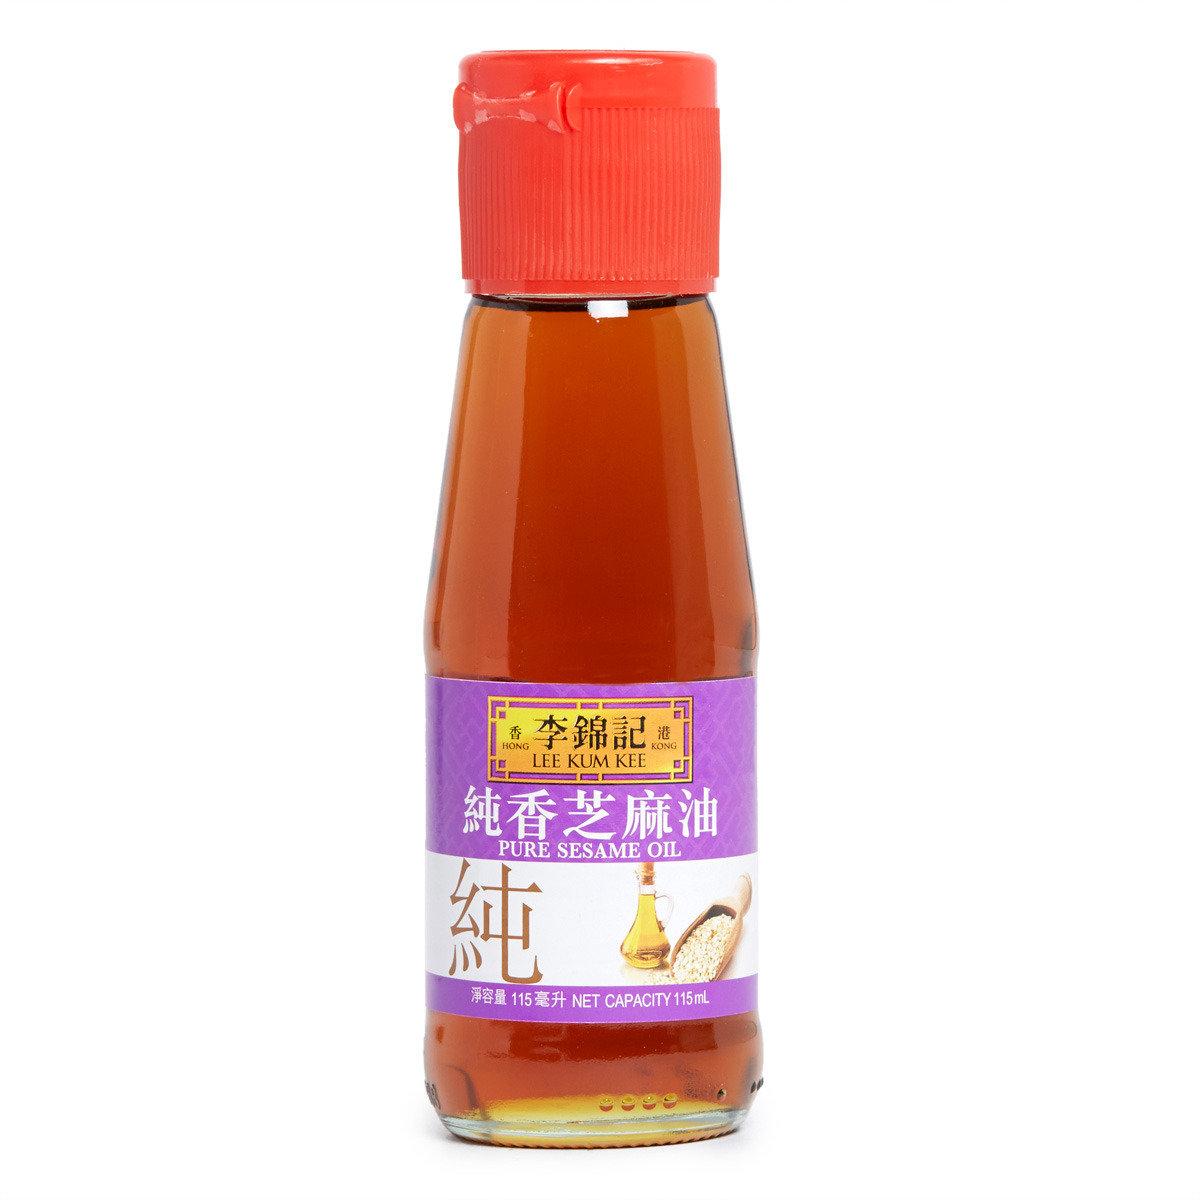 純香芝麻油